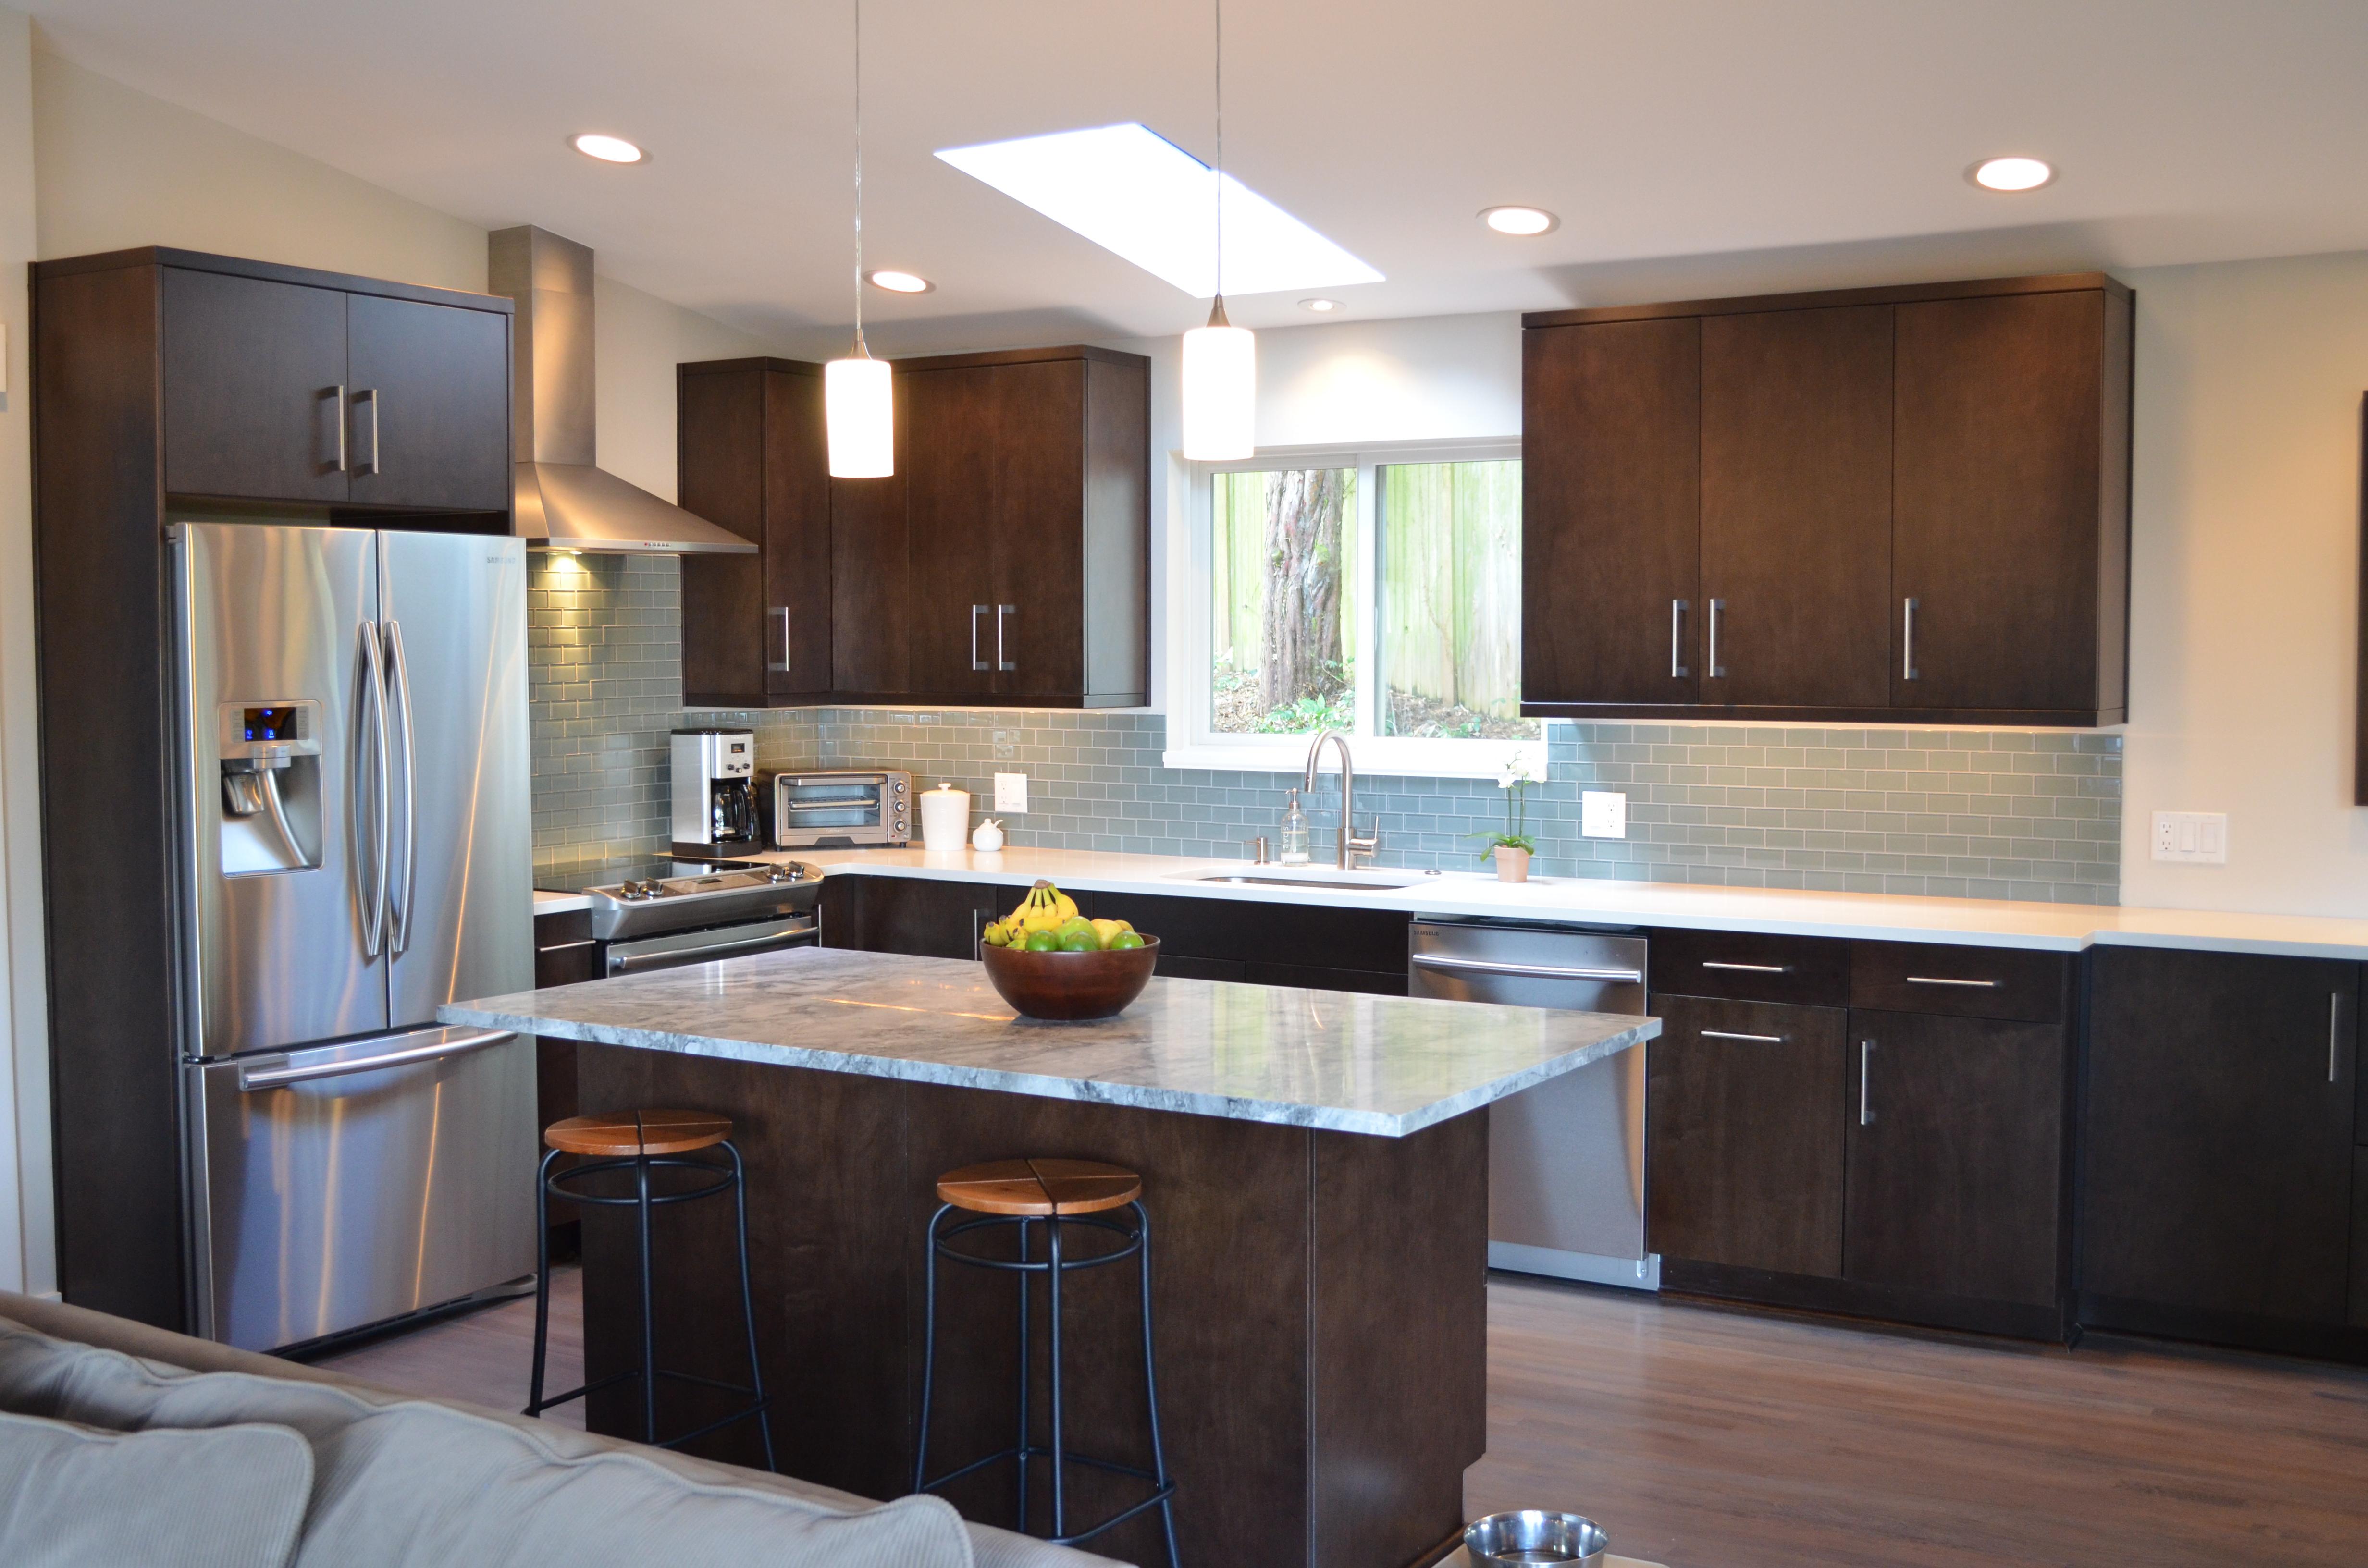 Kitchen sets as kitchen splendor kitchen sets GYZBQZH